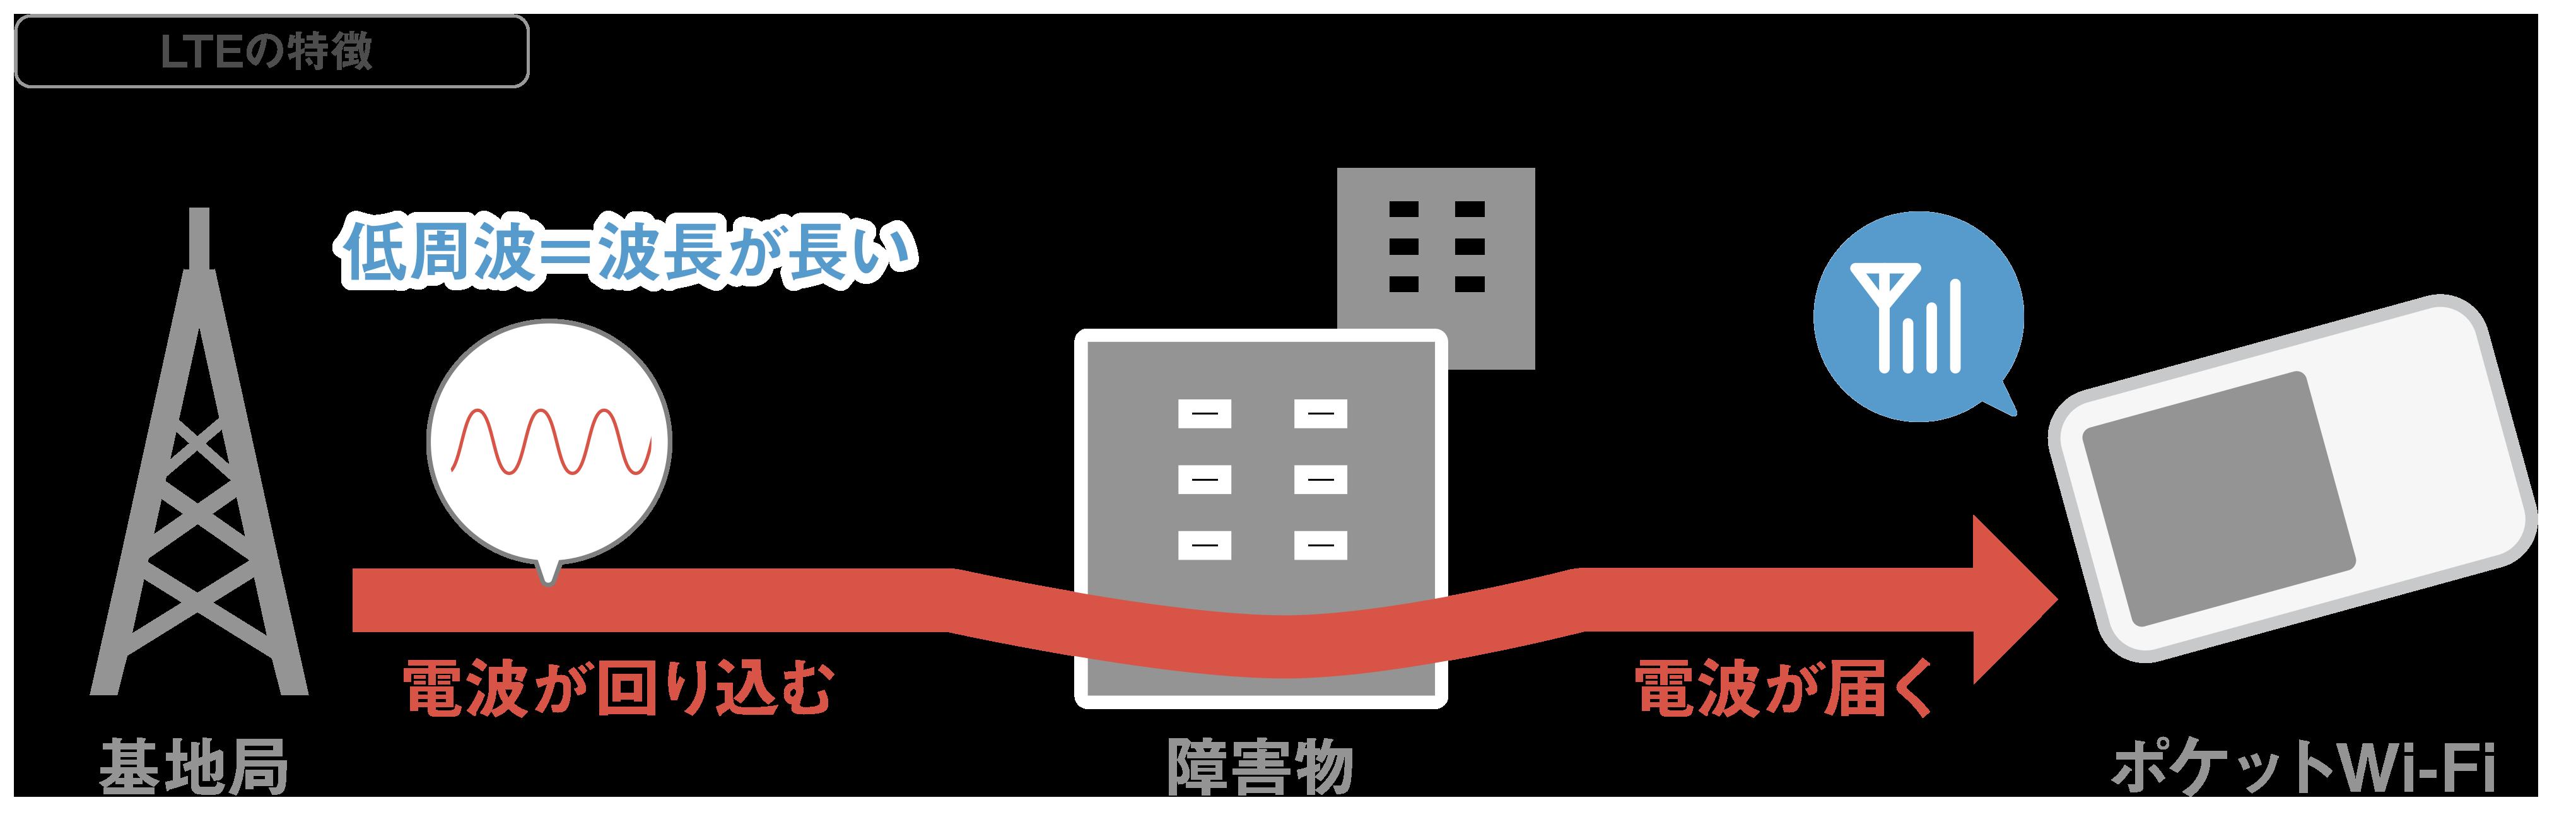 LTEの特徴